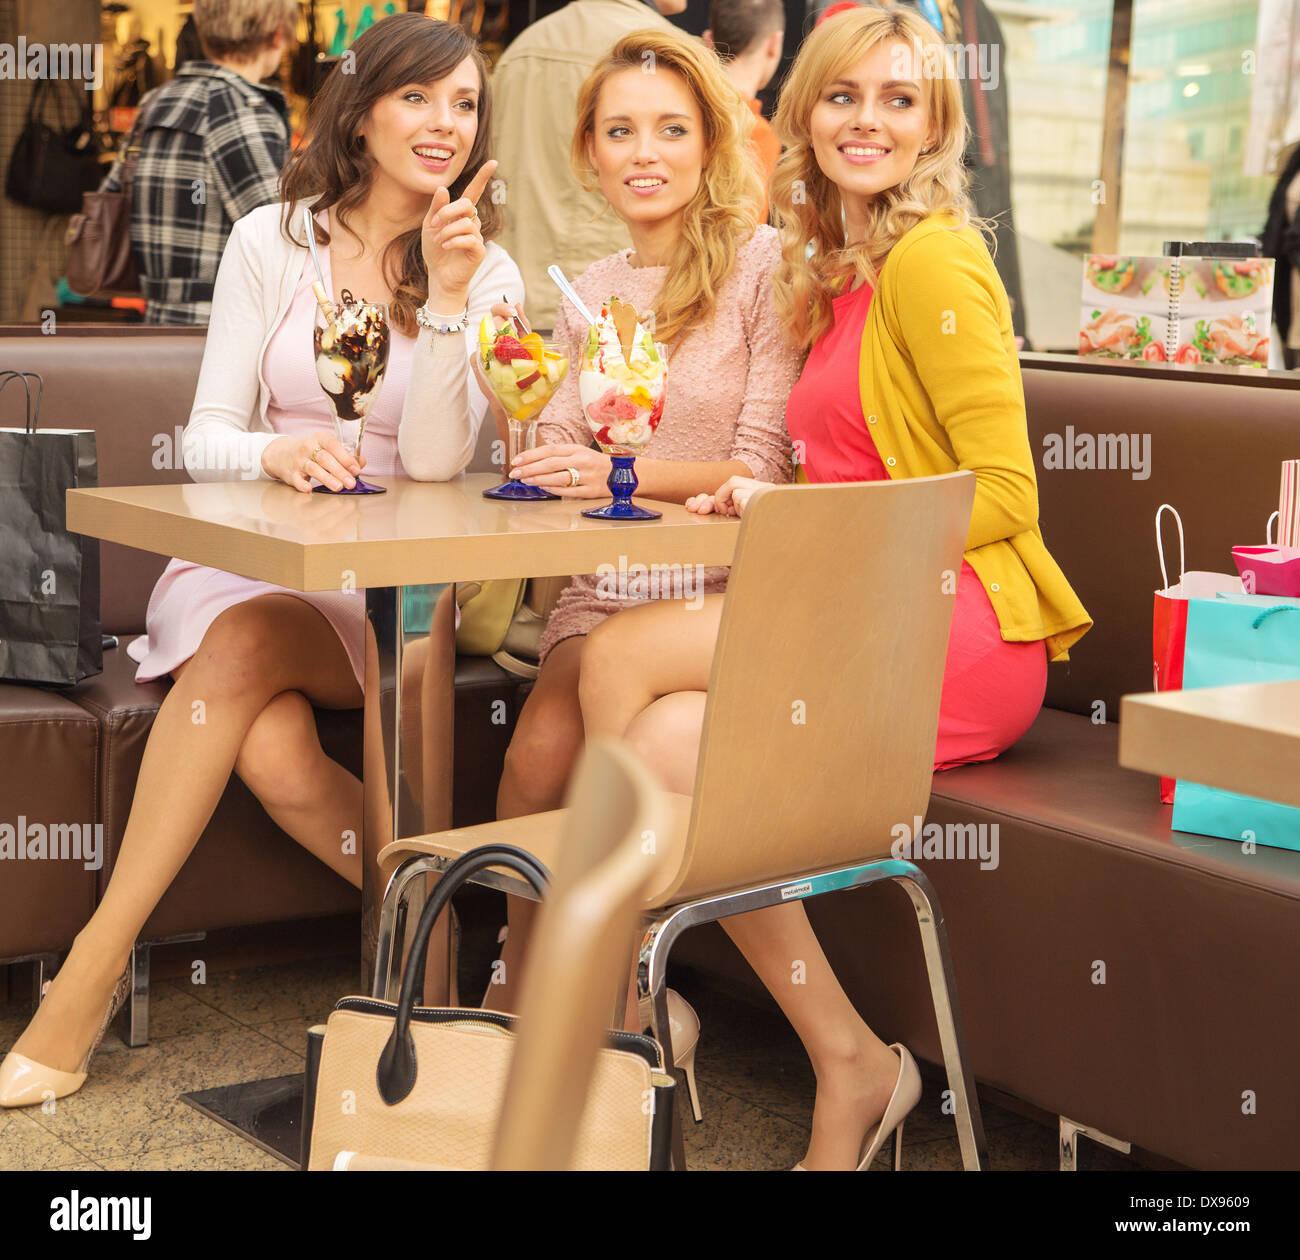 Relajado mujeres comer sabrosos helados de frutas Imagen De Stock